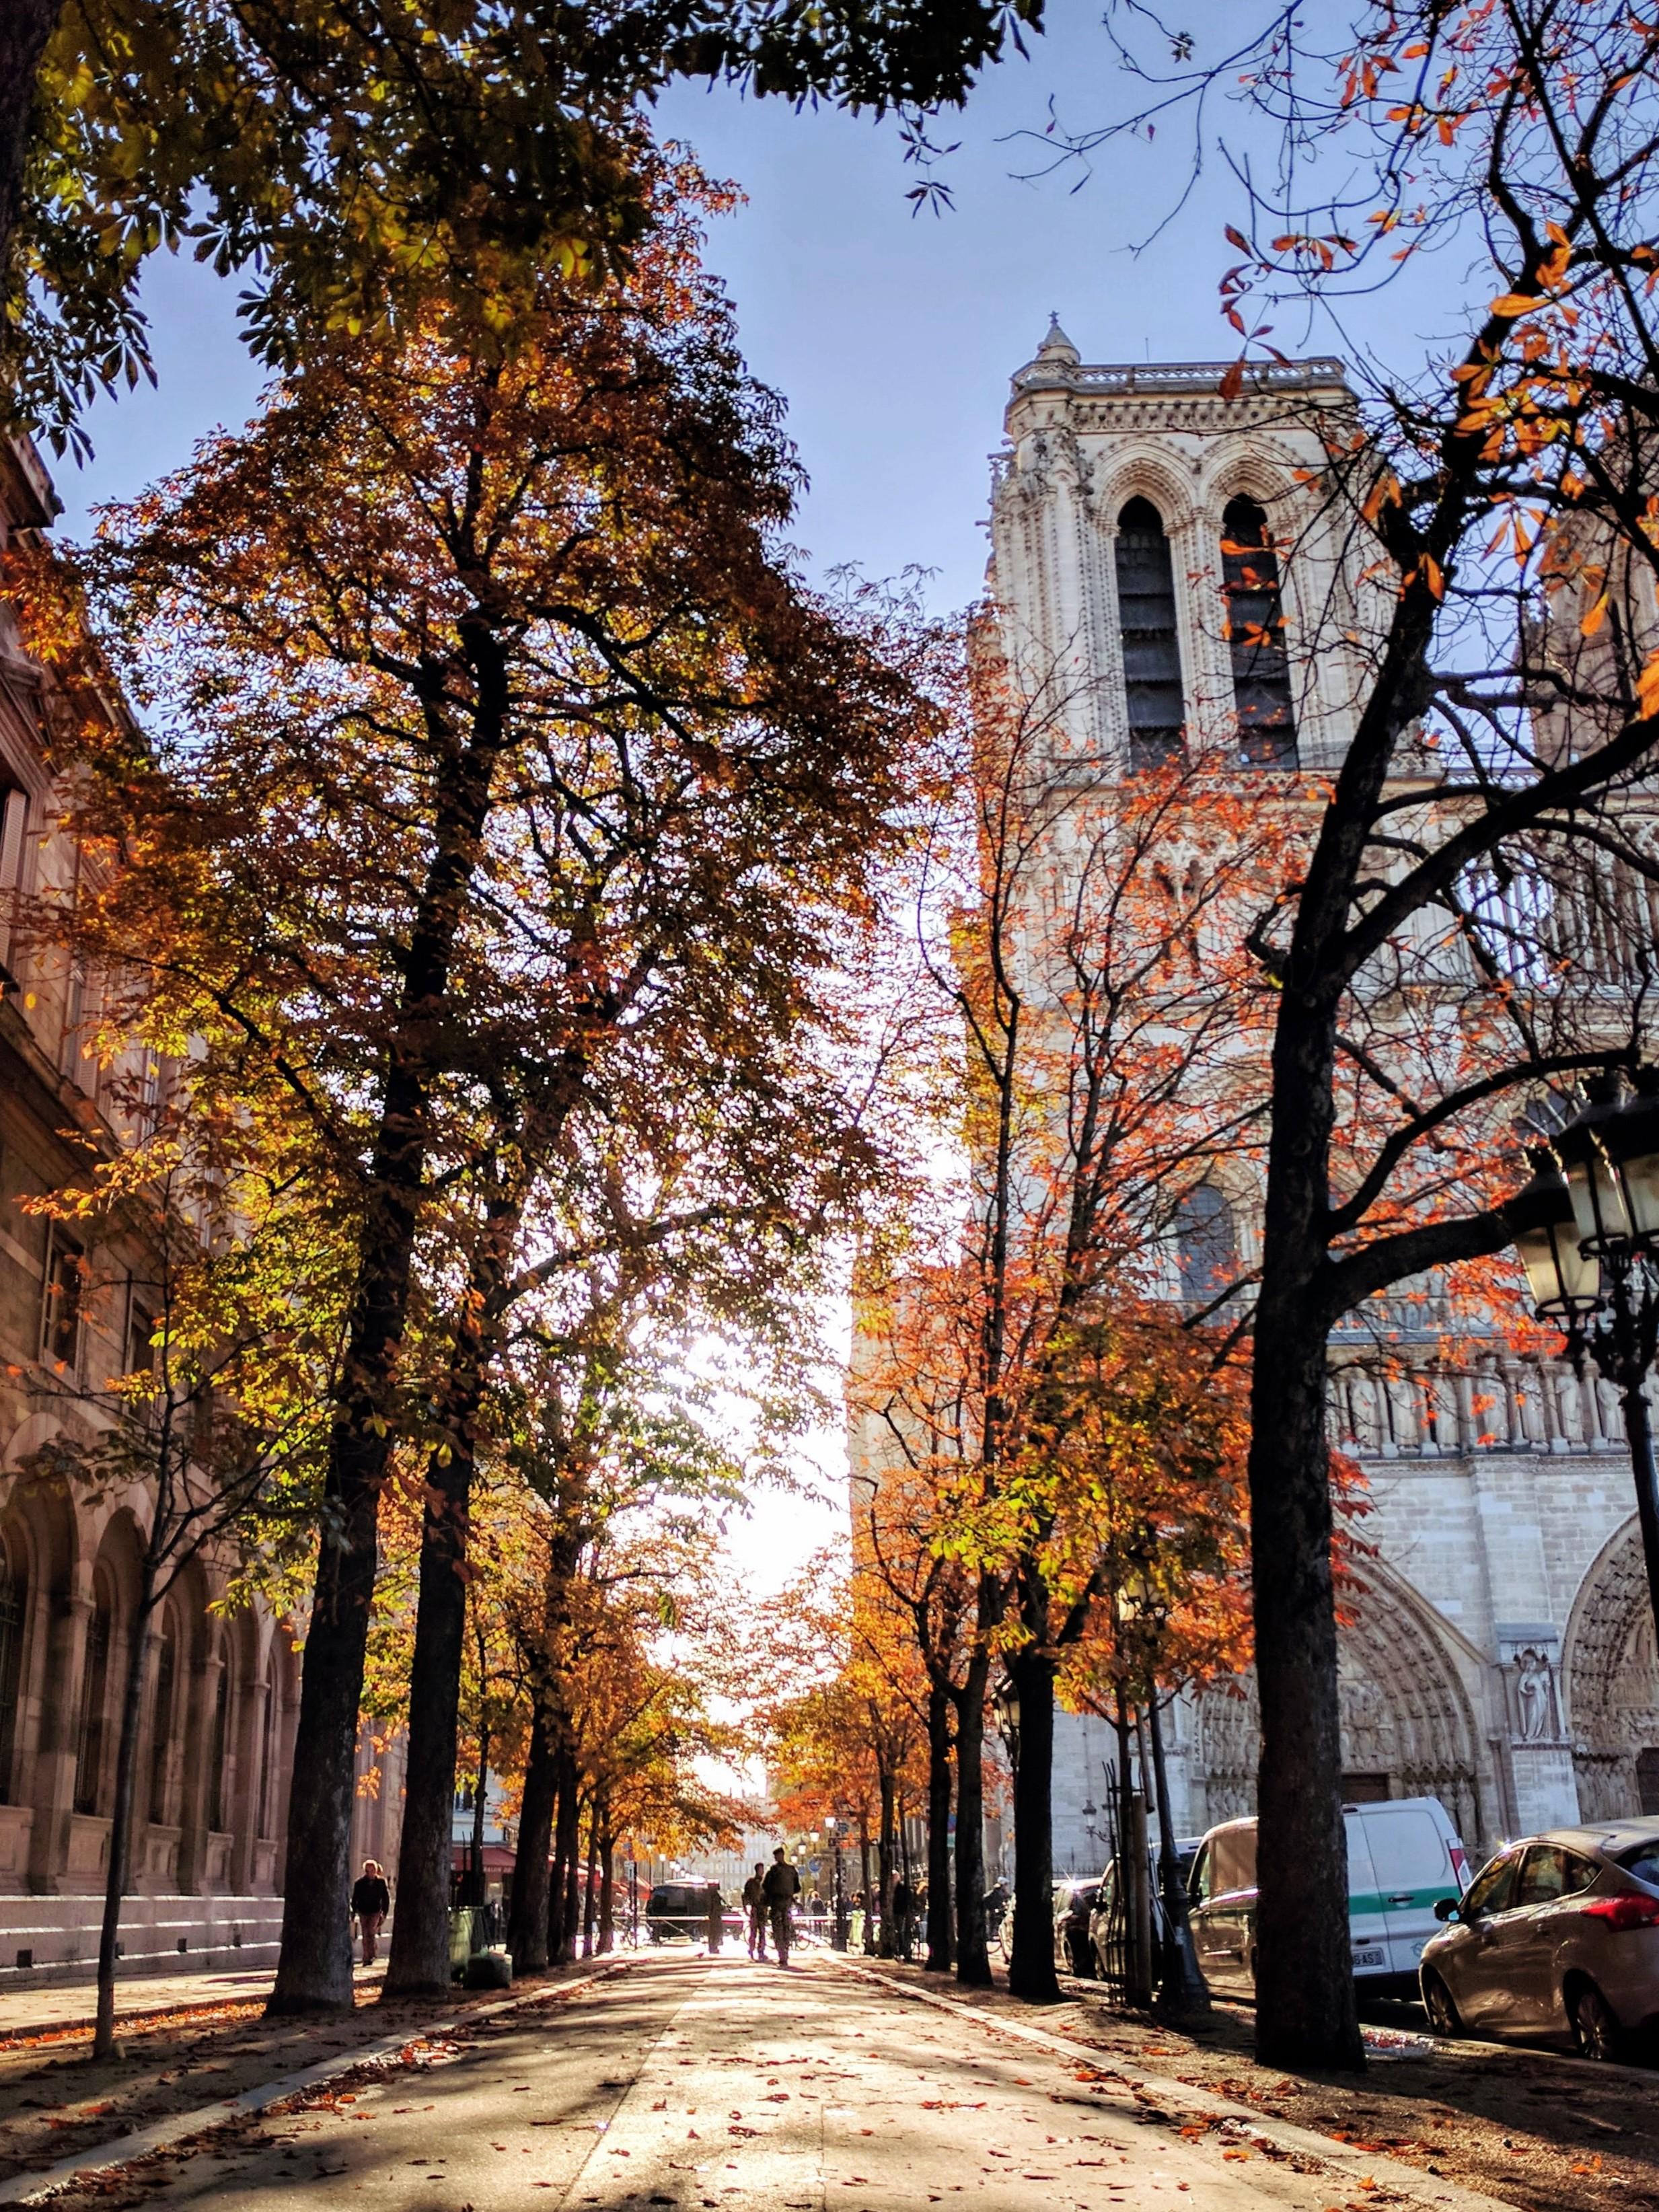 @kristinamico - Notre Dame, Paris, France